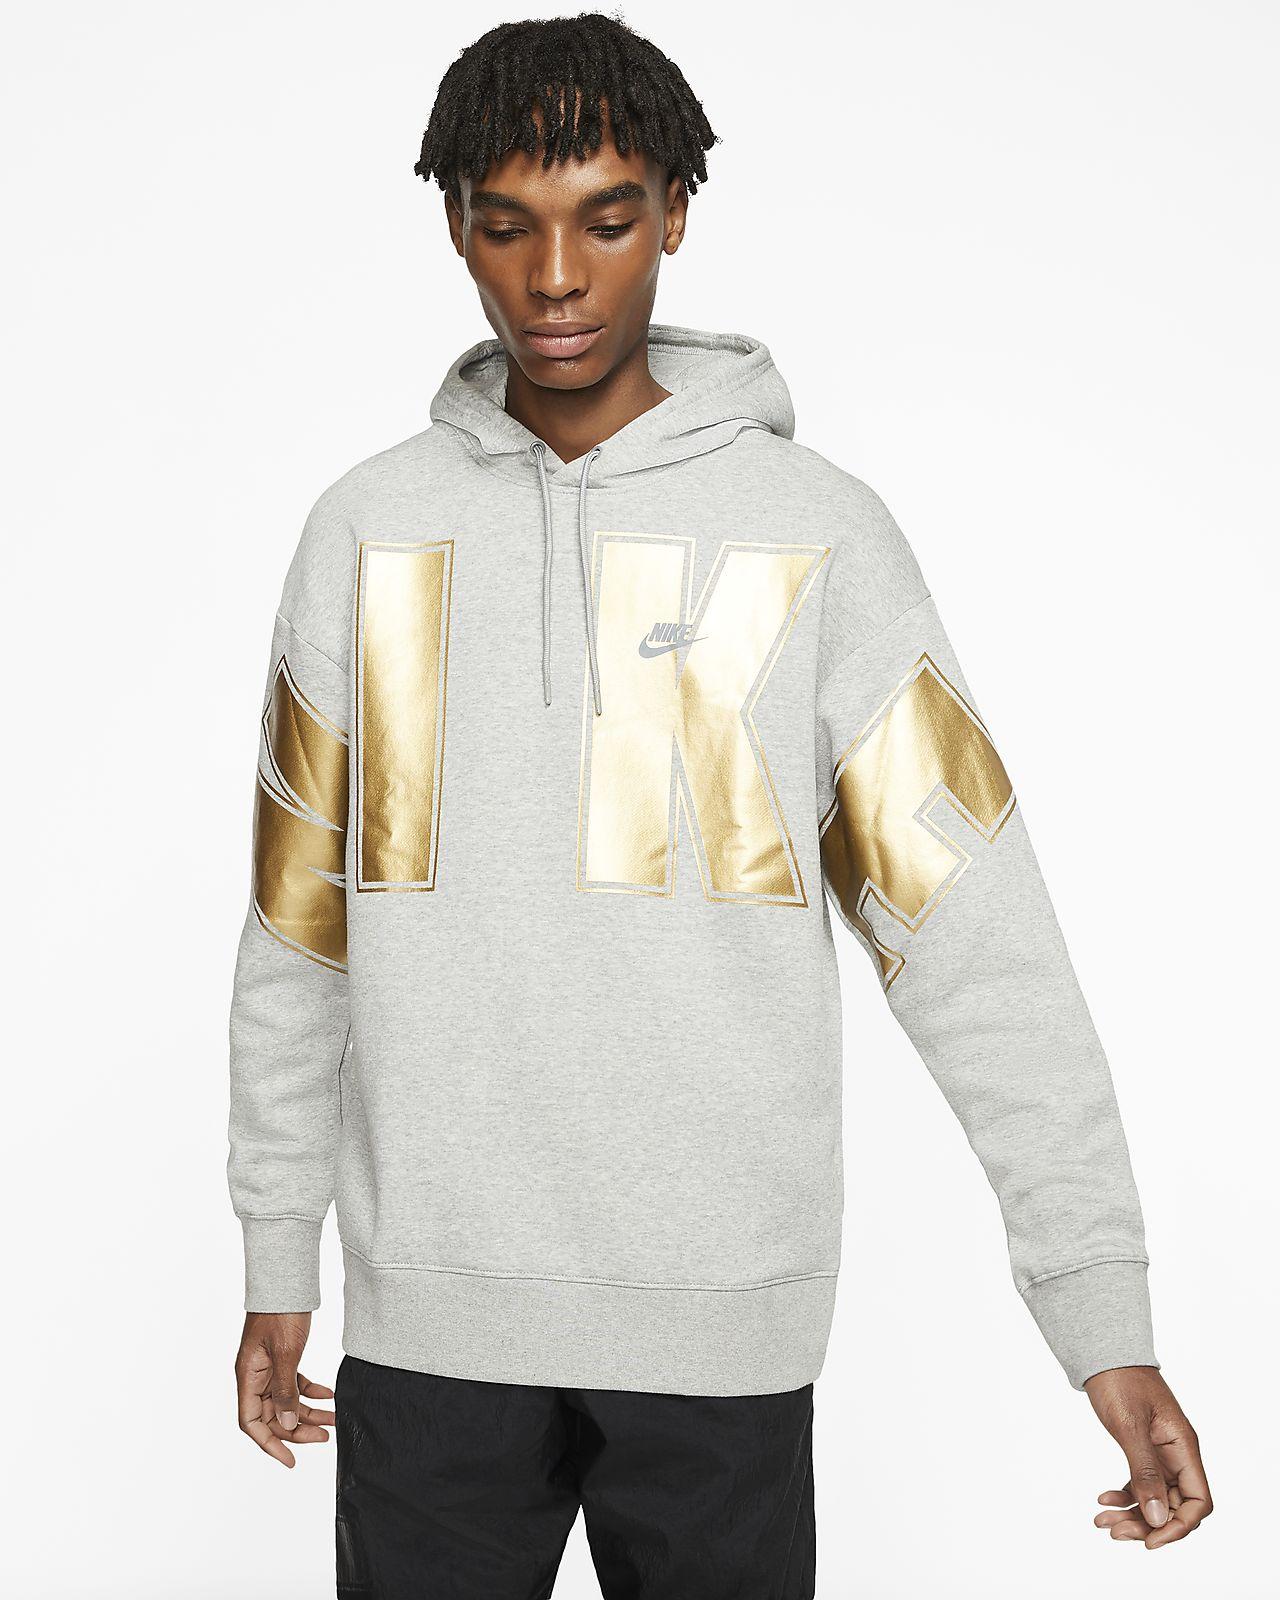 Hoodie pullover de lã cardada Nike Sportswear